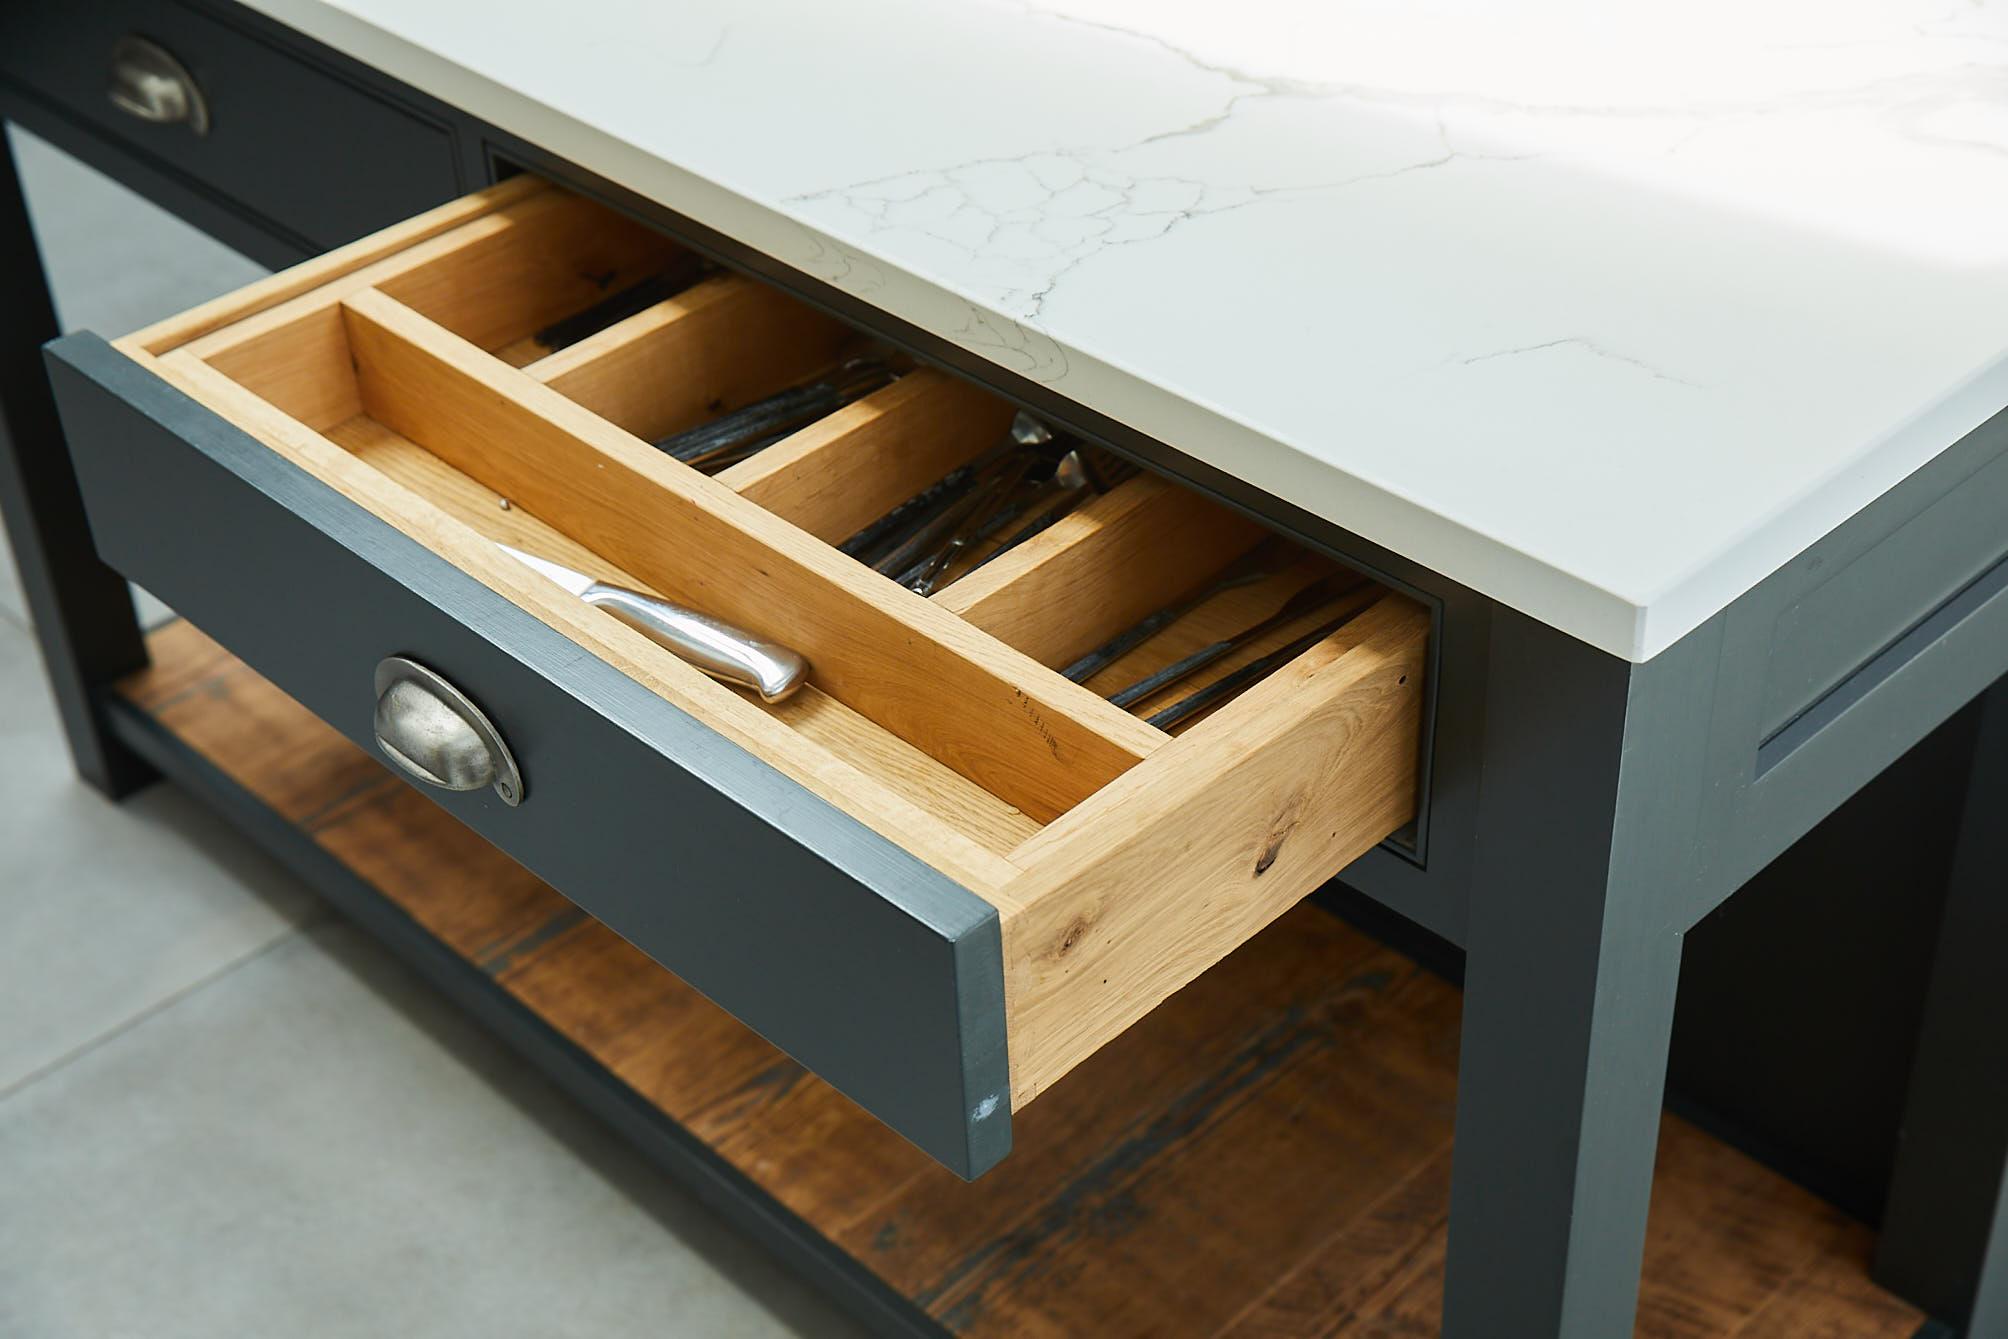 Solid oak cutlery insert in bespoke kitchen island